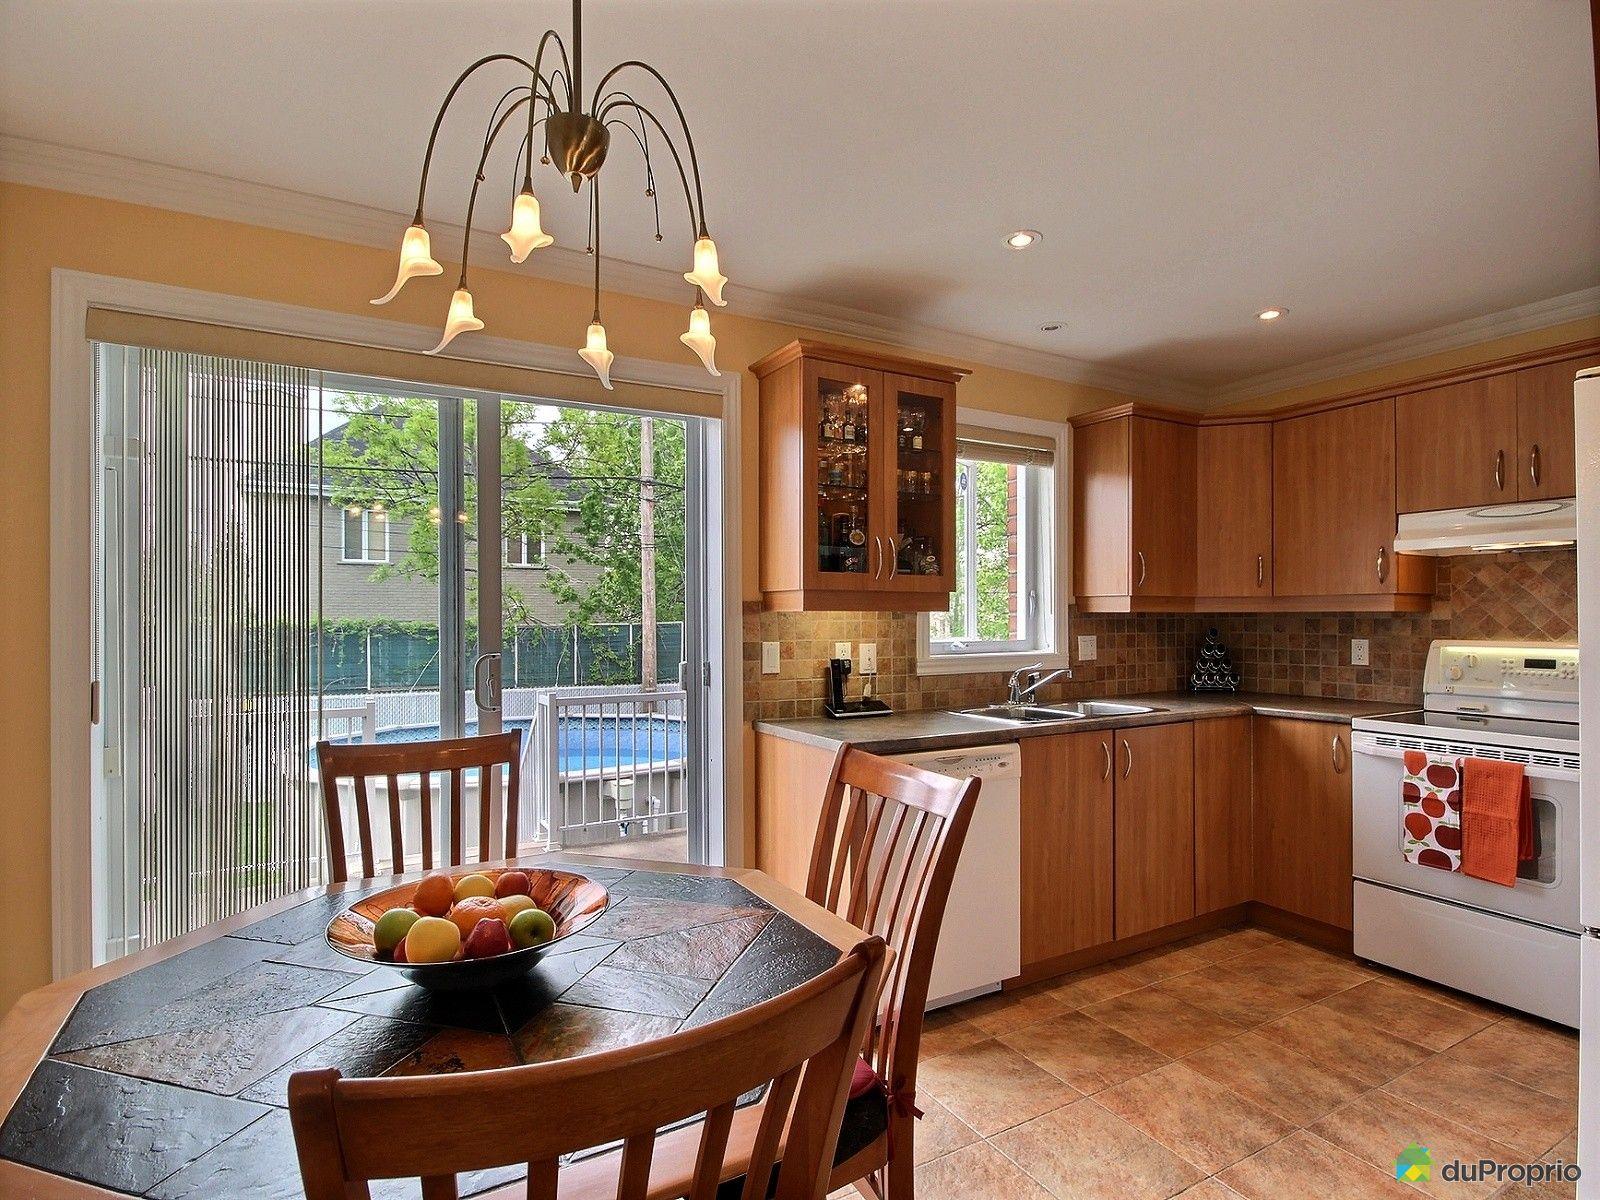 Maison vendre montr al 3957 chemin du bois franc immobilier qu bec duproprio 700114 - Piscine st laurent de chamousset ...